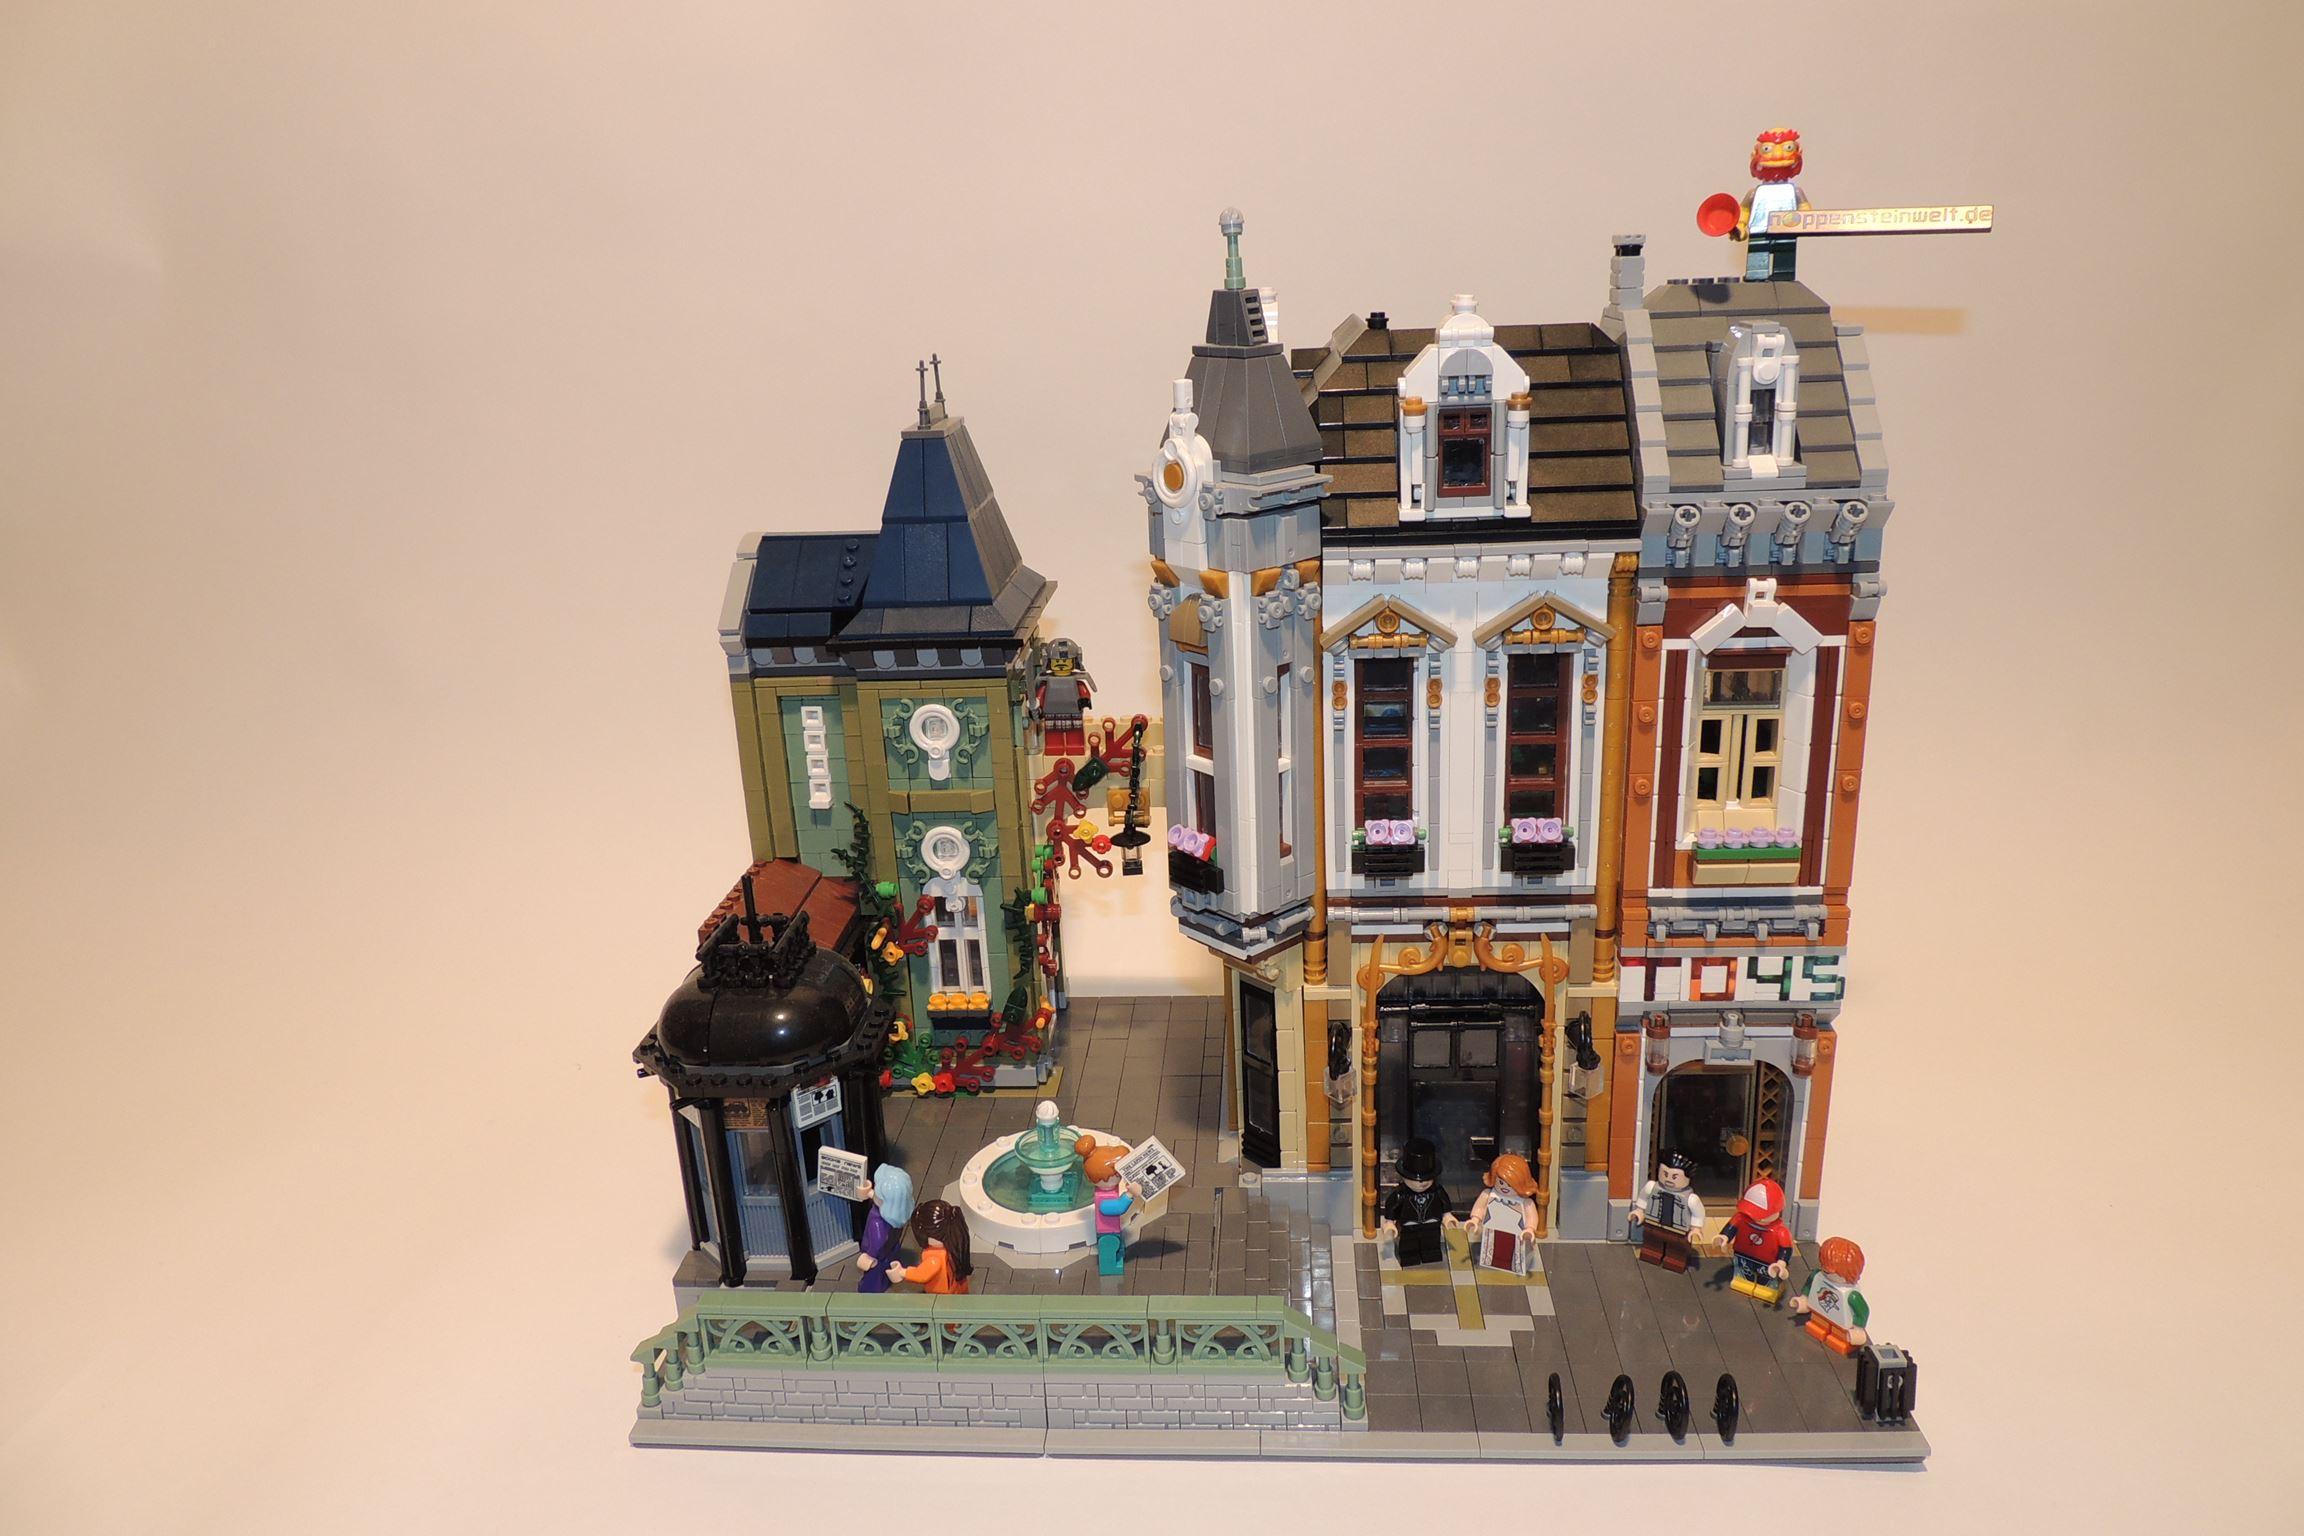 Der Toy/AFOL-Square Vorderansicht.